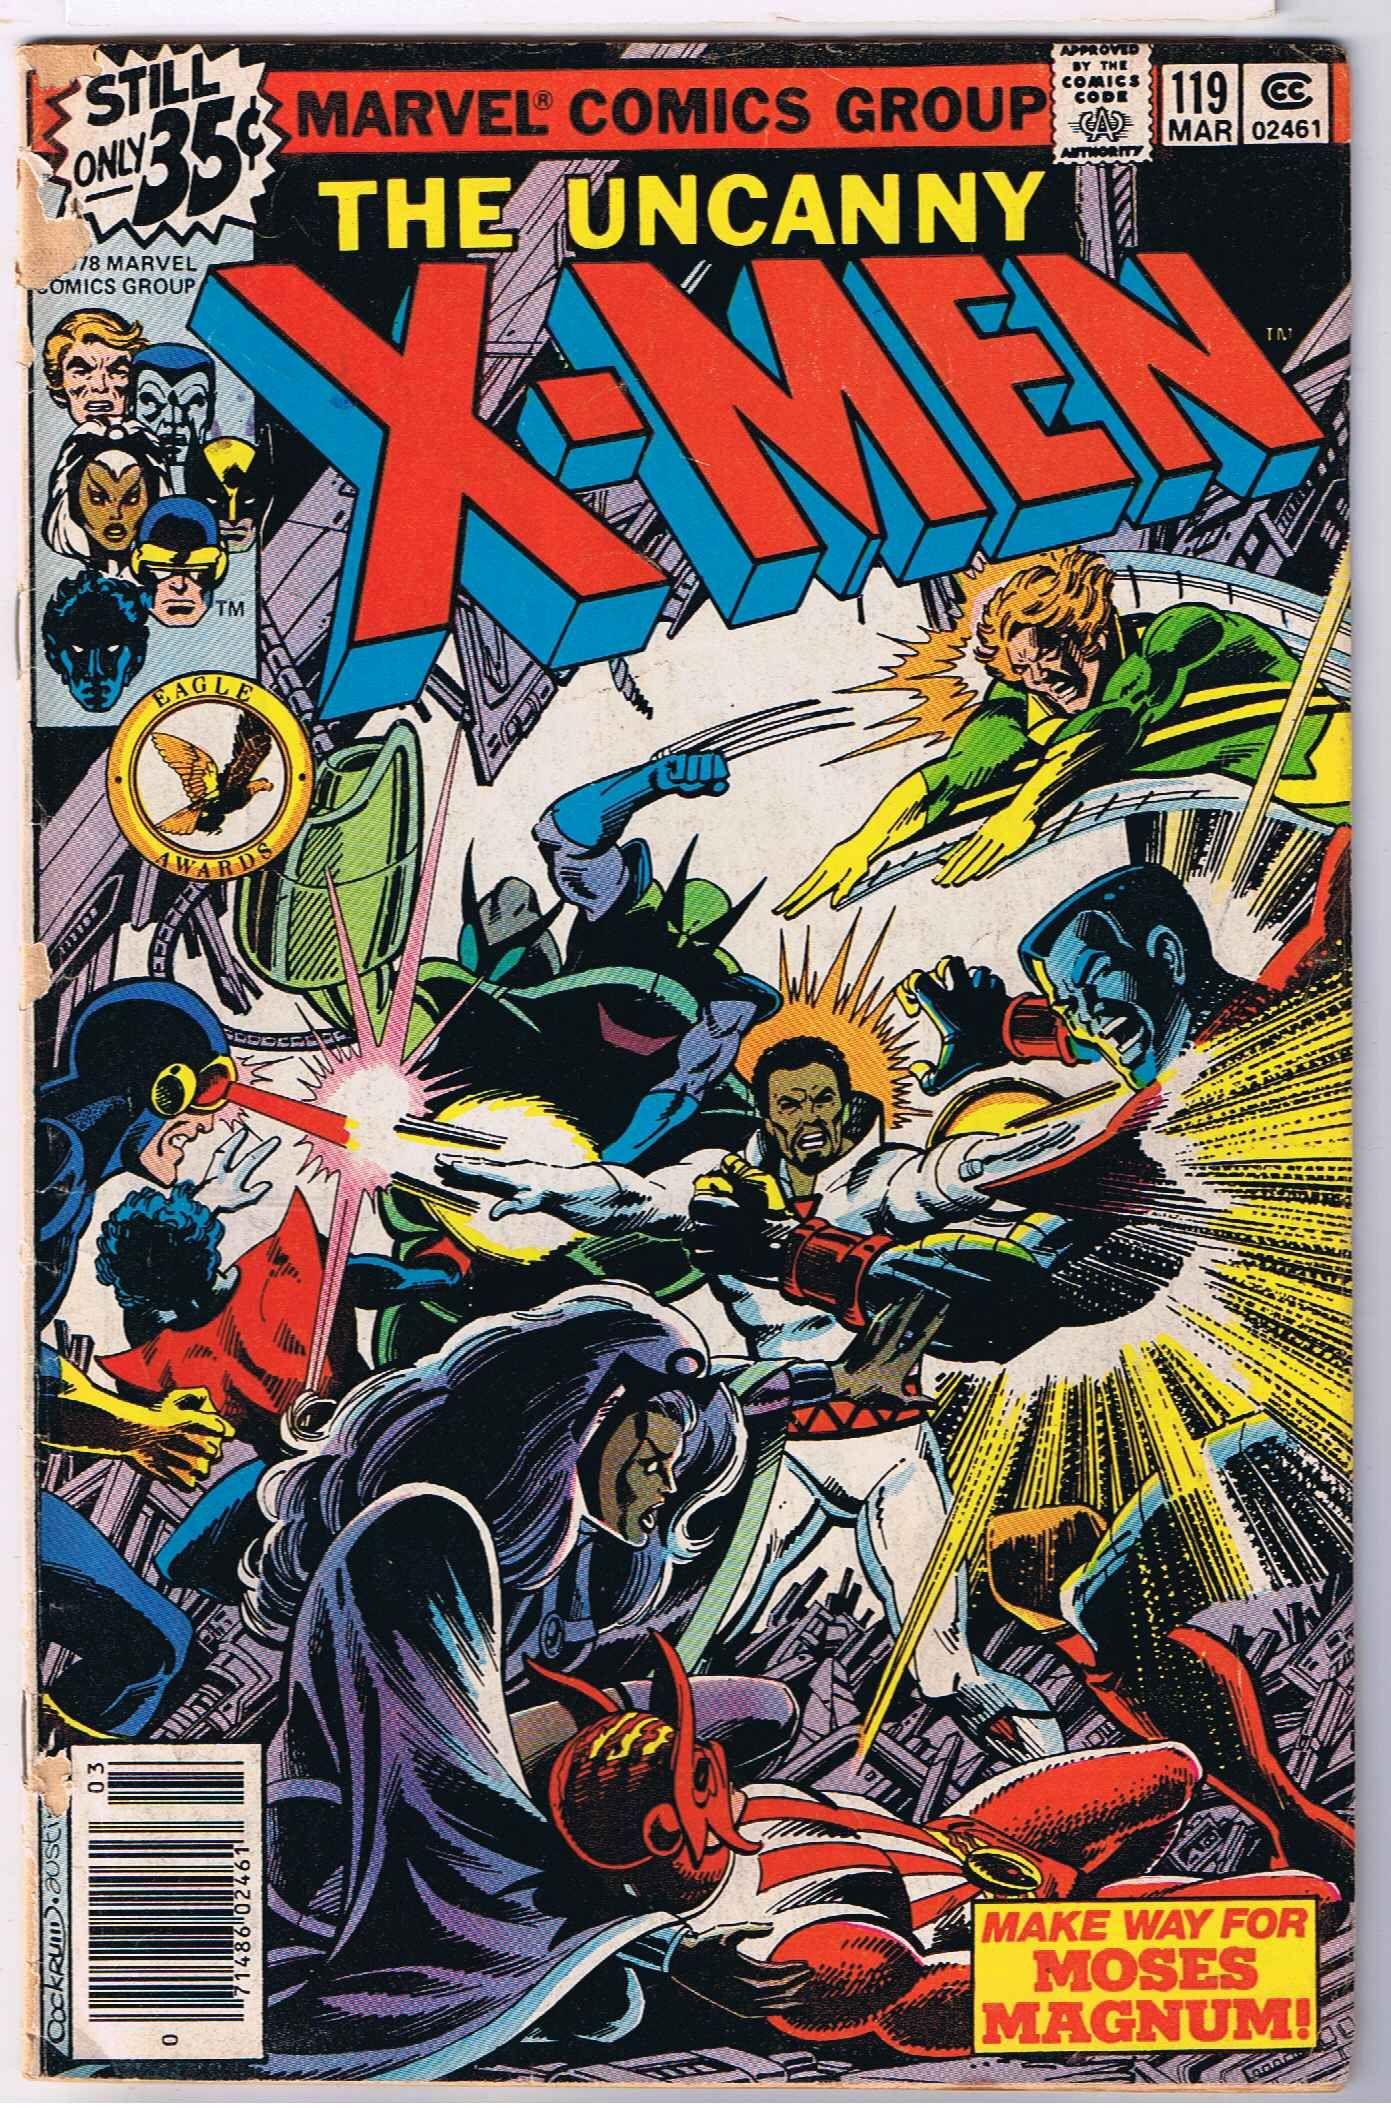 X Men 119 For More X Men Check Out Adamantiumclaws Com Uncannyxmen119 Xmen119 Terryaustin Mosesmagnum Newxmen Marvel Comics Covers Marvel Comics Comics